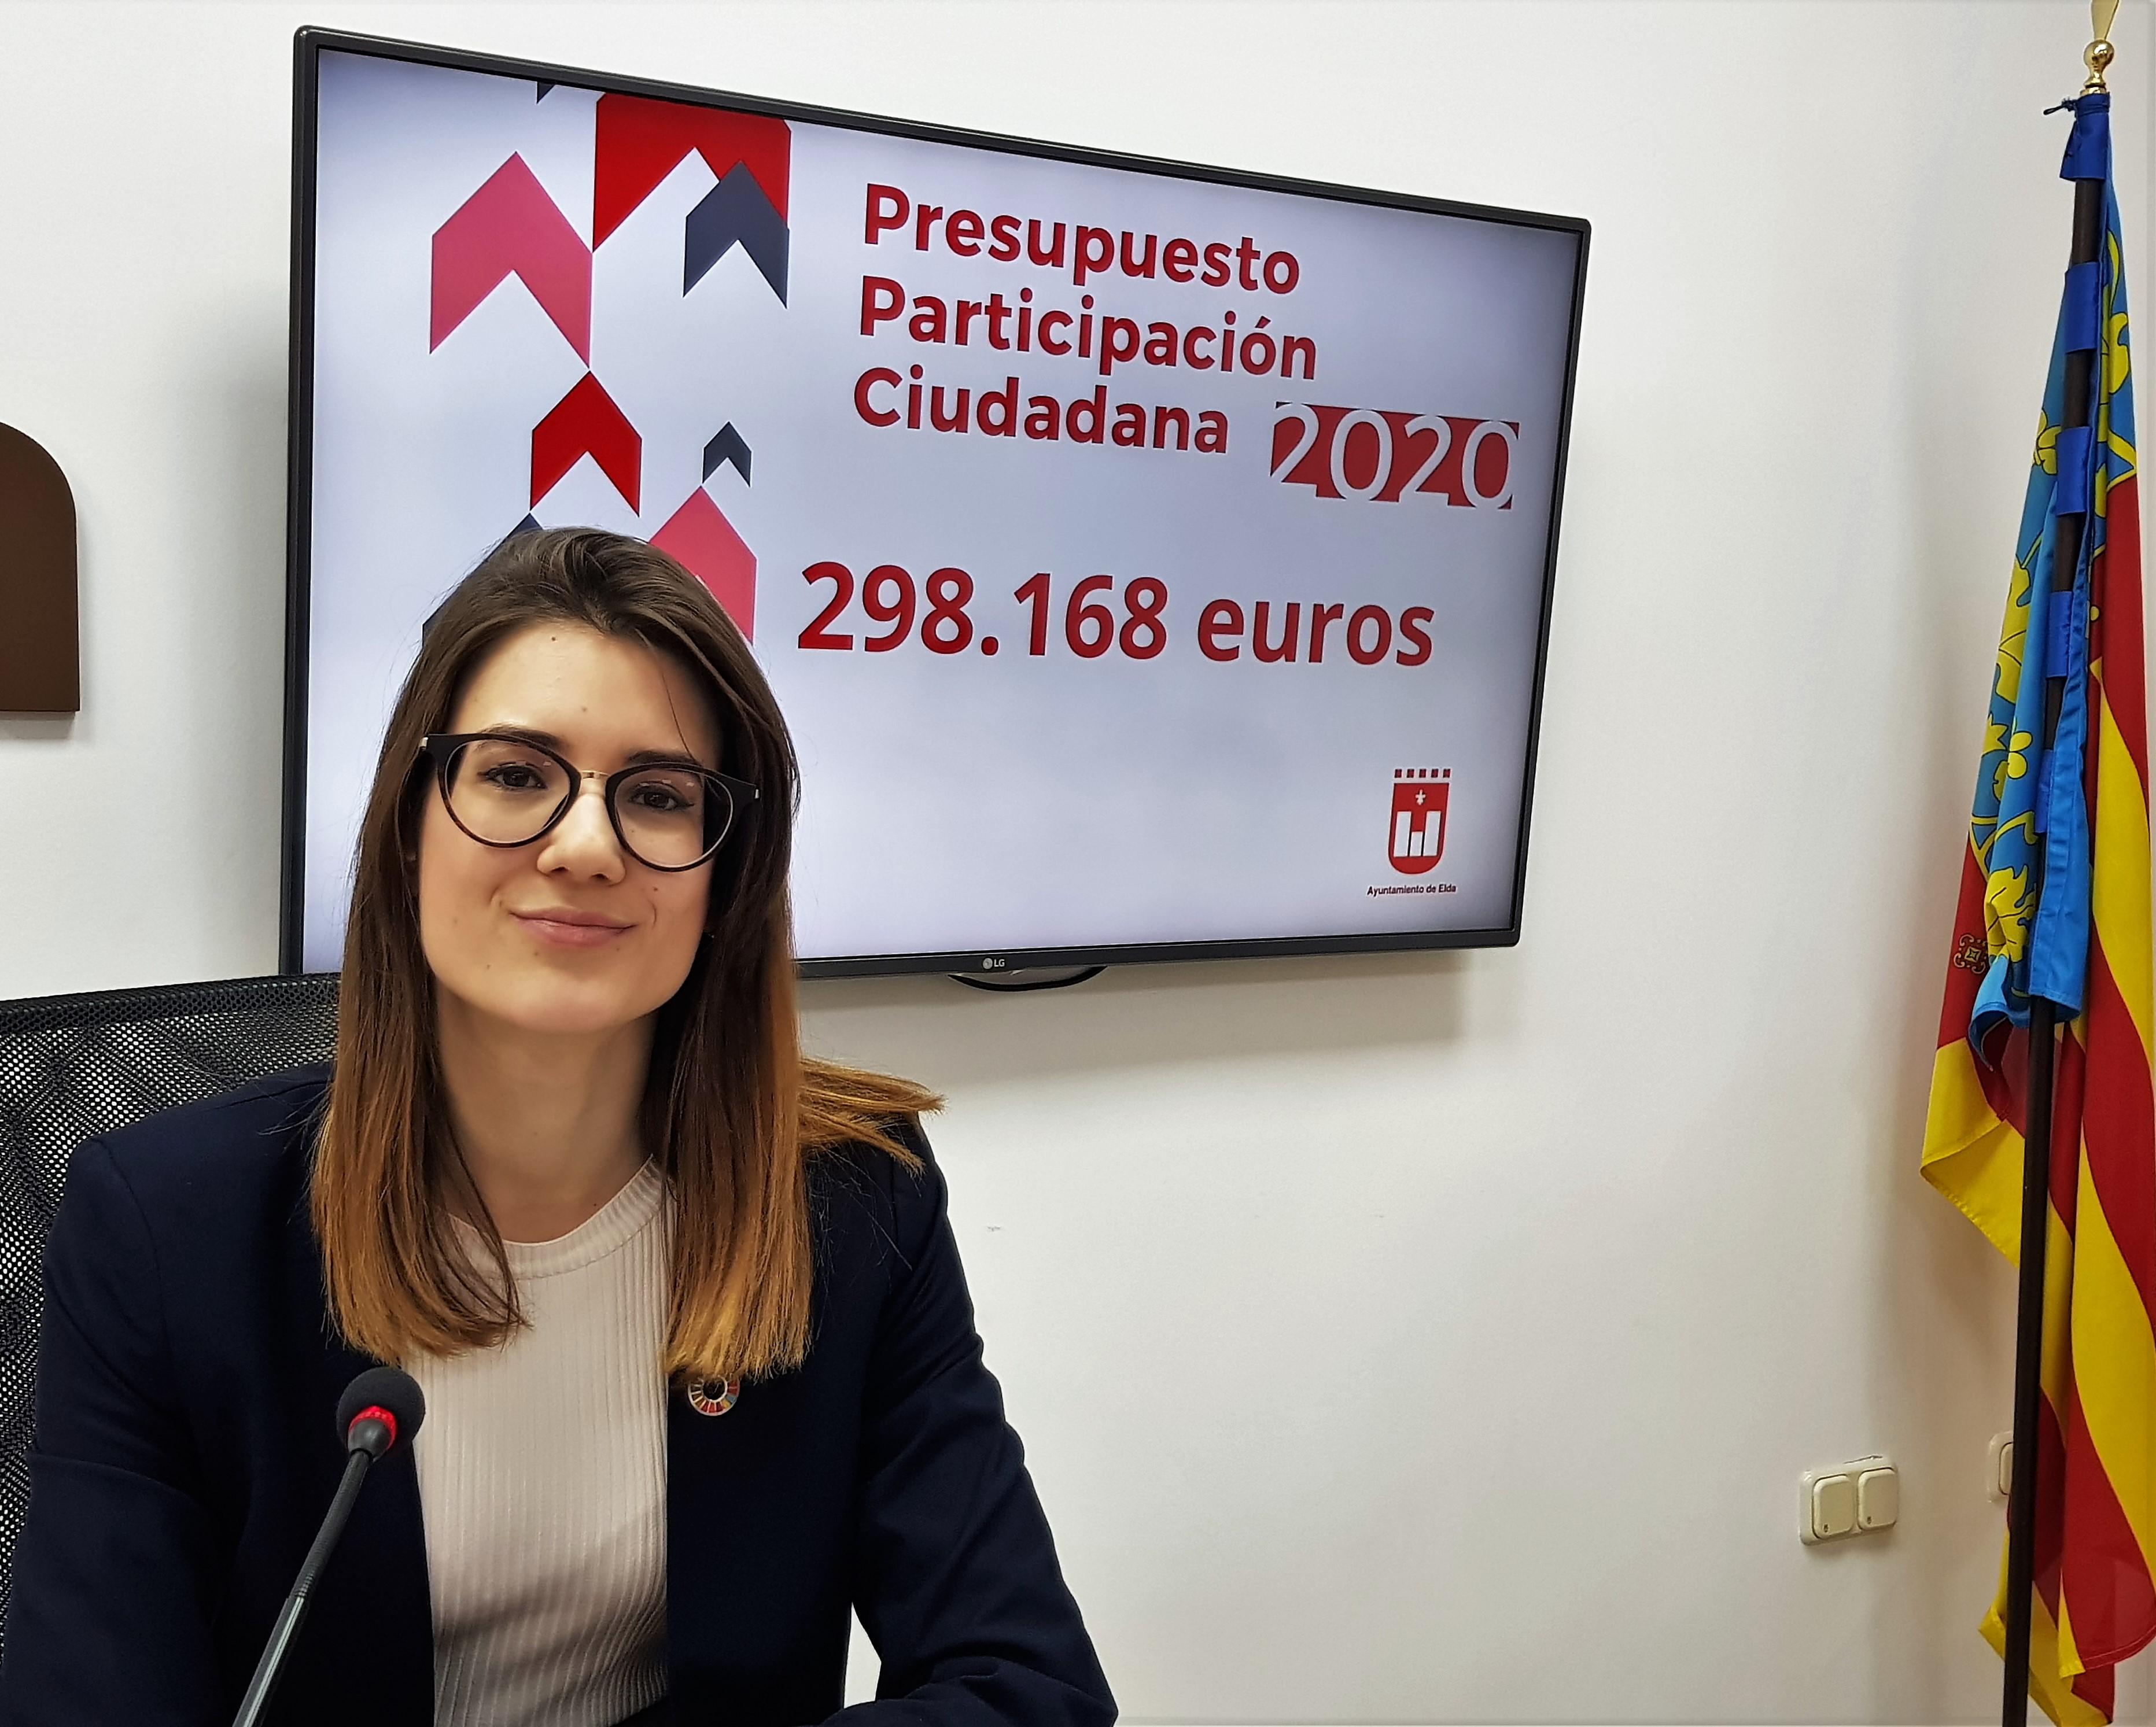 Los Presupuestos Participativos destinarán 40.000 euros a cada consejo de barrio para realizar los proyectos que decidan los vecinos